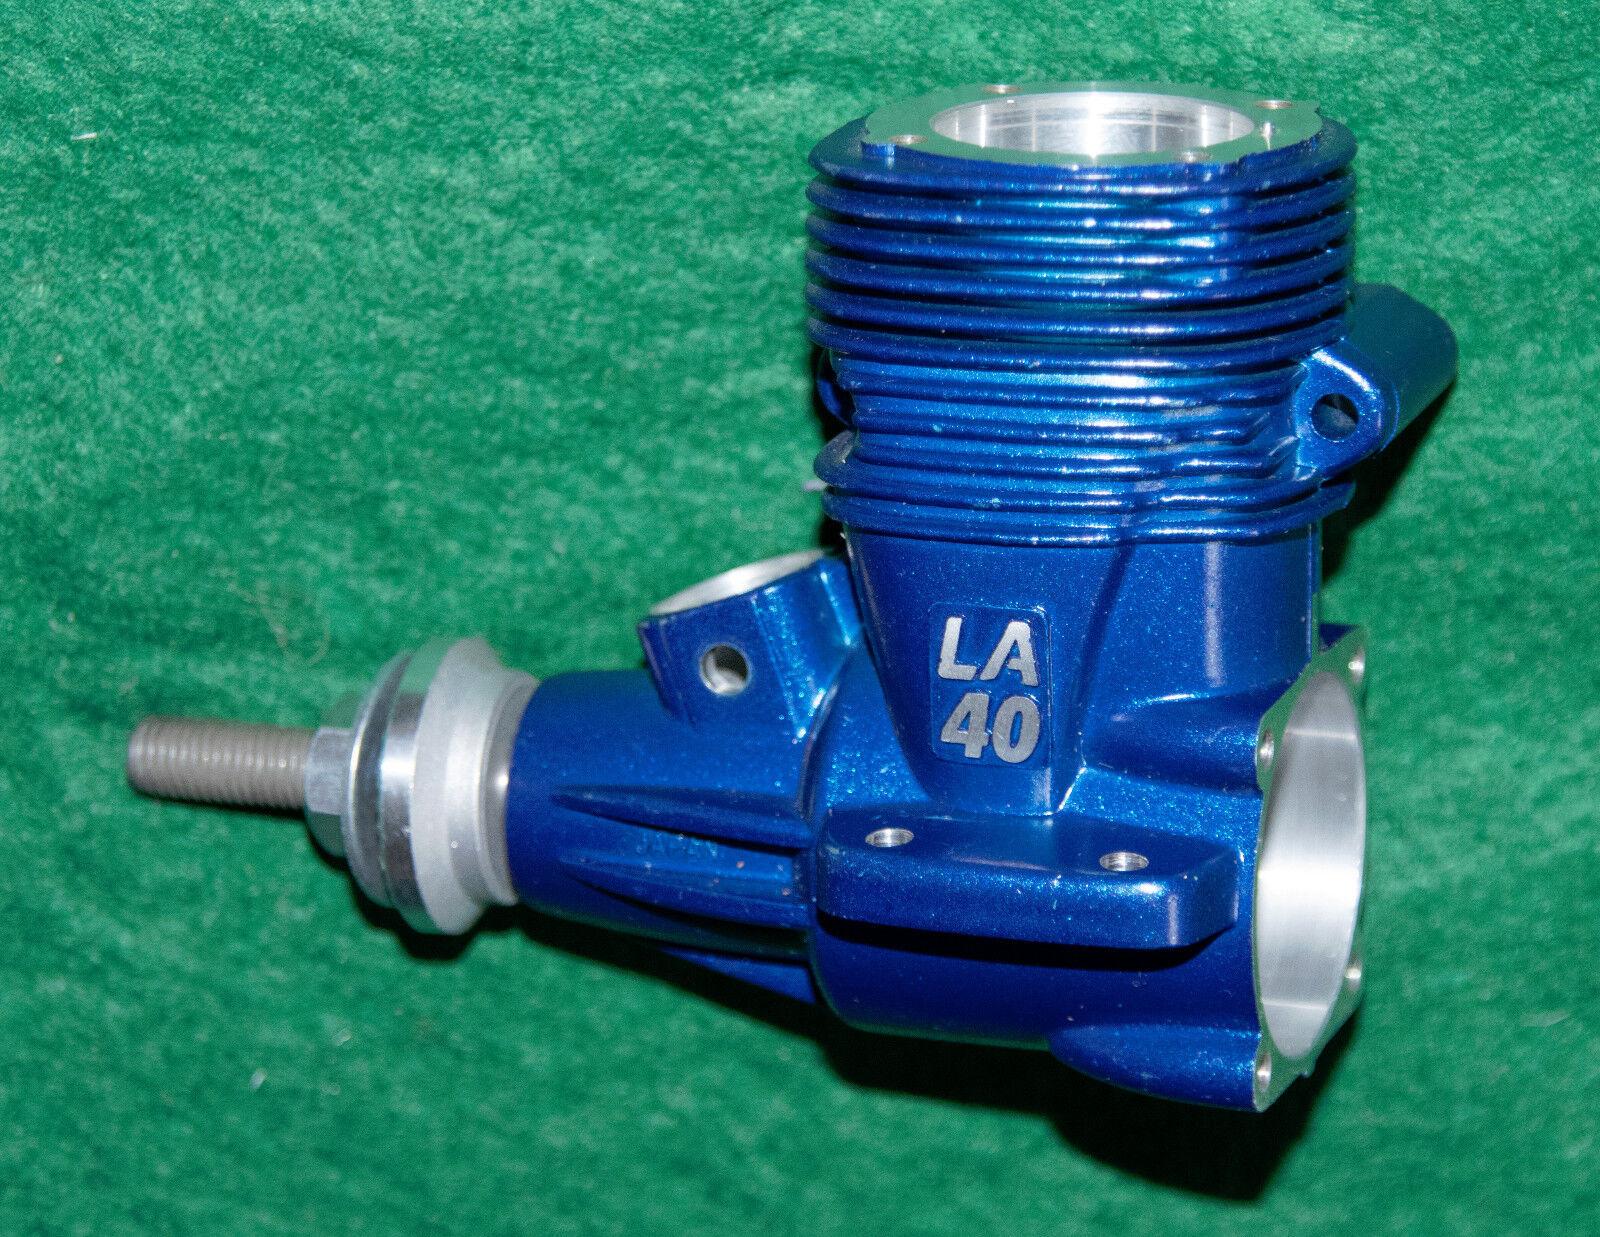 RICAMBI Motore OS - 24001000, LA40 CARTER + ALBERO MOTORE + rondella di azionamento